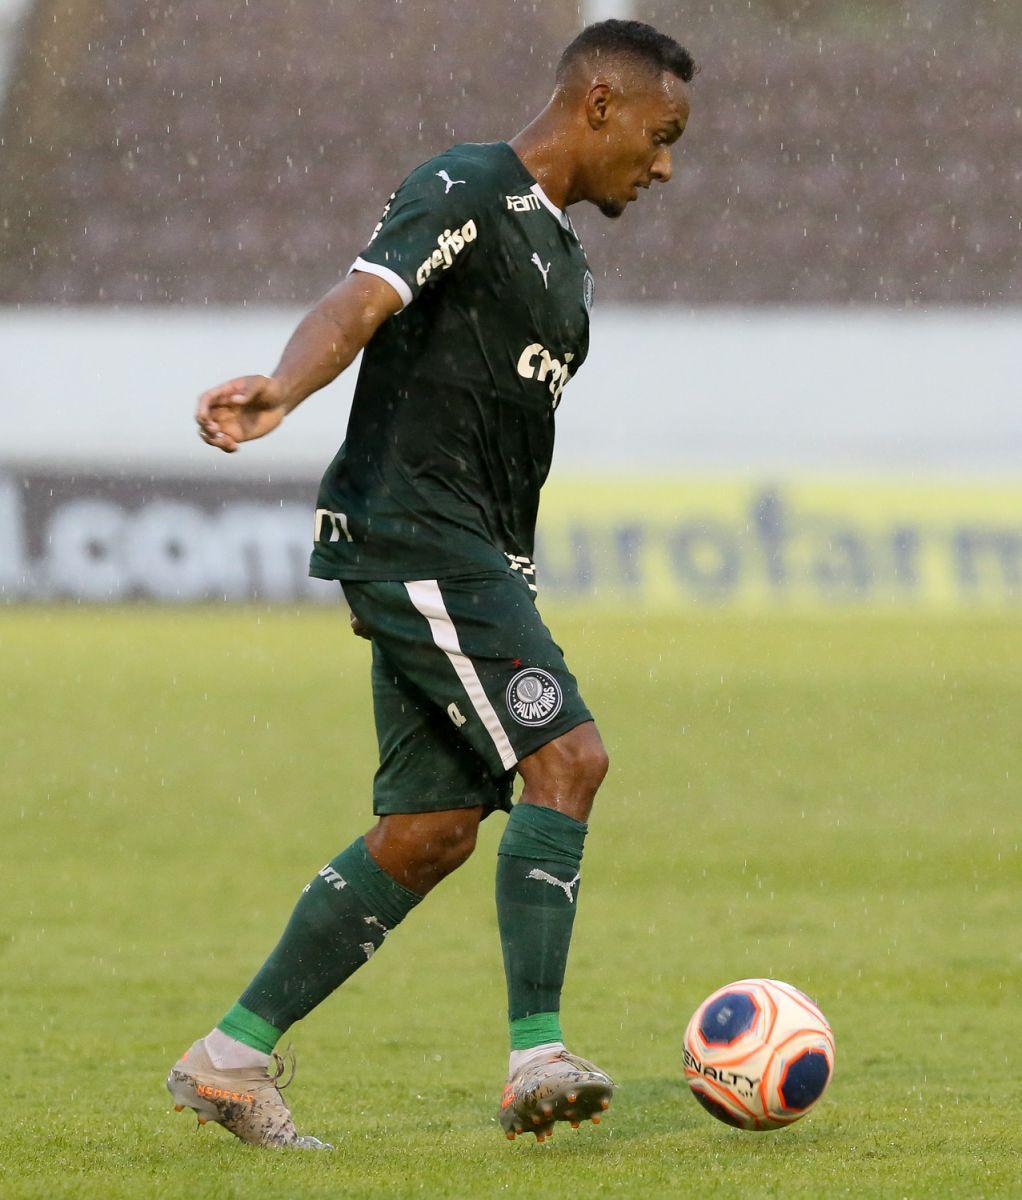 Fabio Menotti/Palmeiras _ Fabricio é o artilheiro do Verdão na Copinha com dois gols marcados